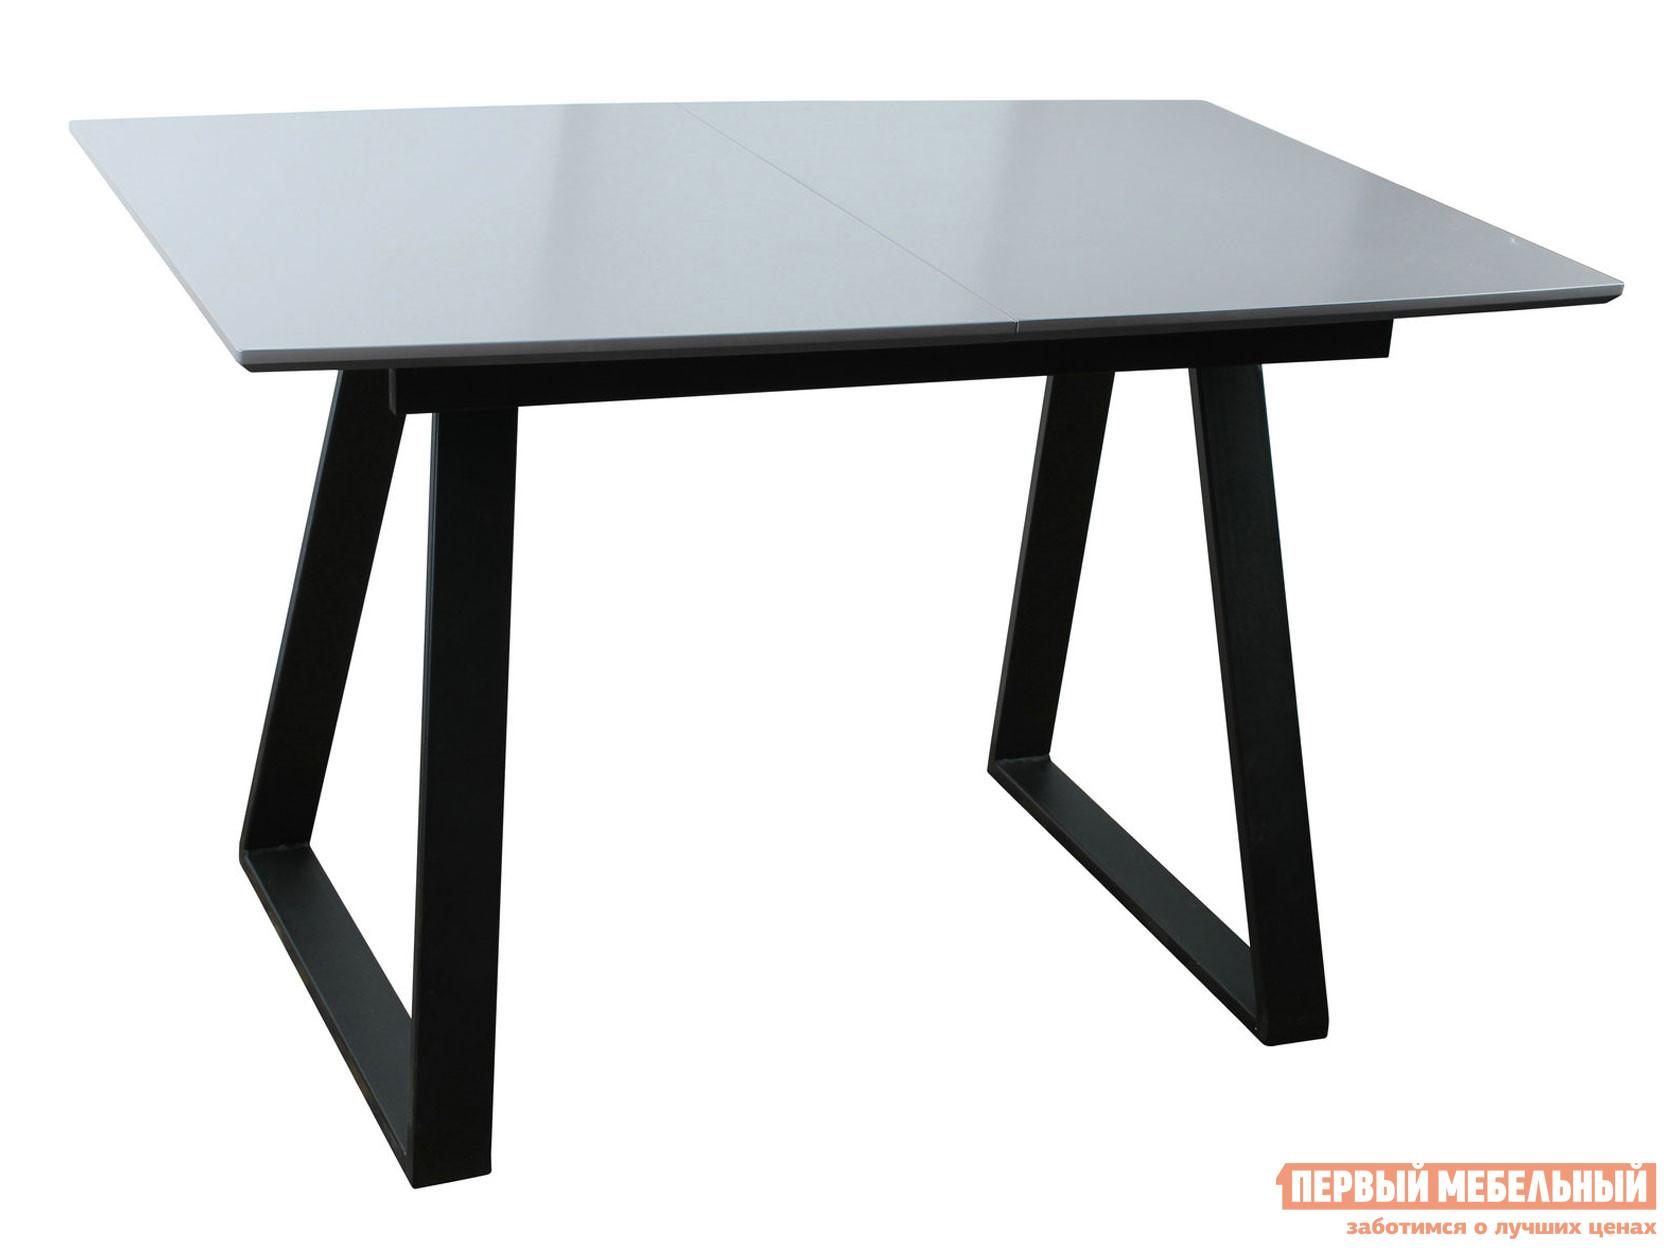 Кухонный стол  обеденный Детройт DT-935S Серый / Черный Светлое дерево Stool Group 108686